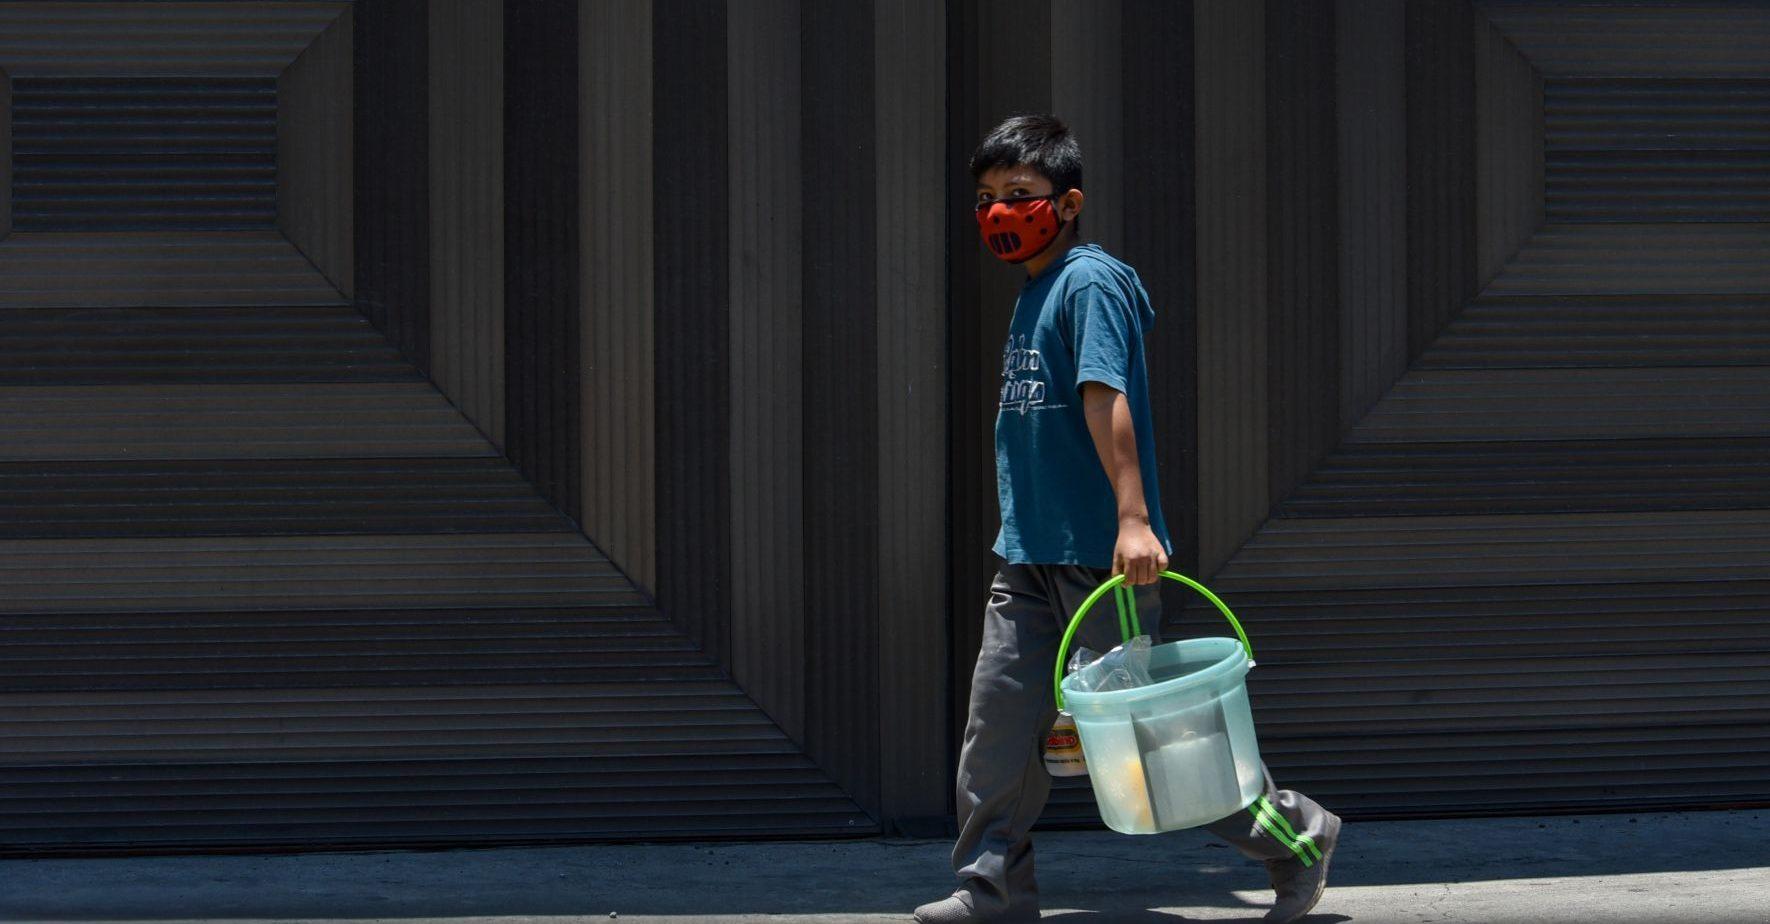 Hasta 30 mil menores de edad empezarán a trabajar por el impacto de la pandemia